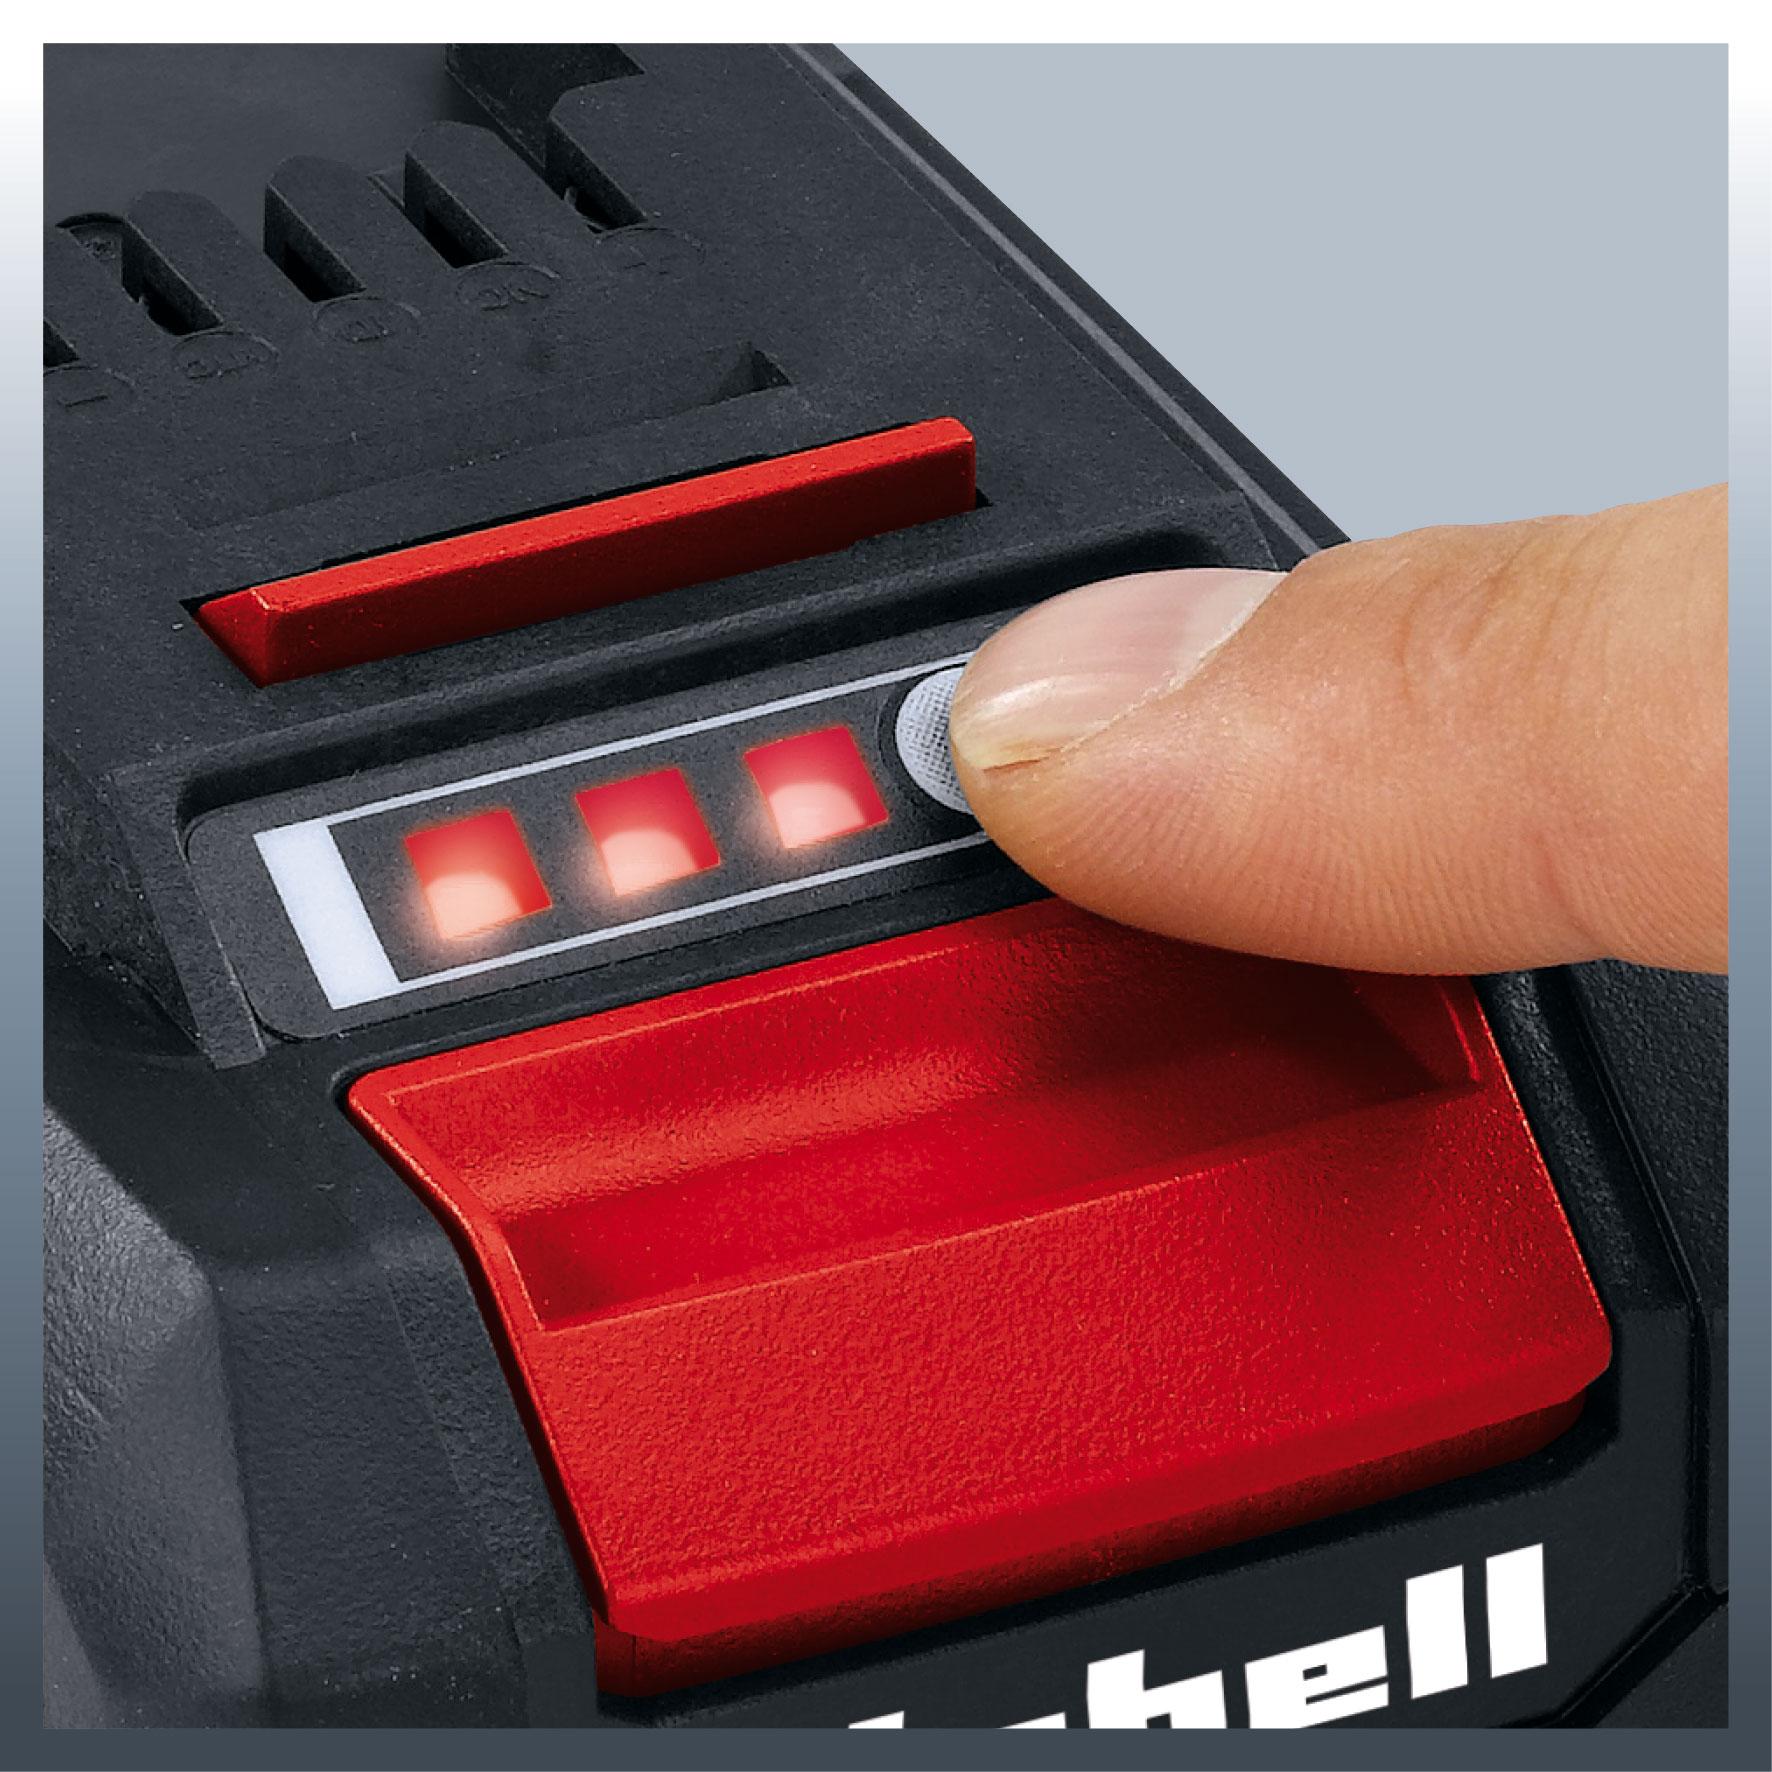 Einhell Power-X-Change Starter Kit Akku 18 V/2,0 Ah und Ladegerät Bild 2